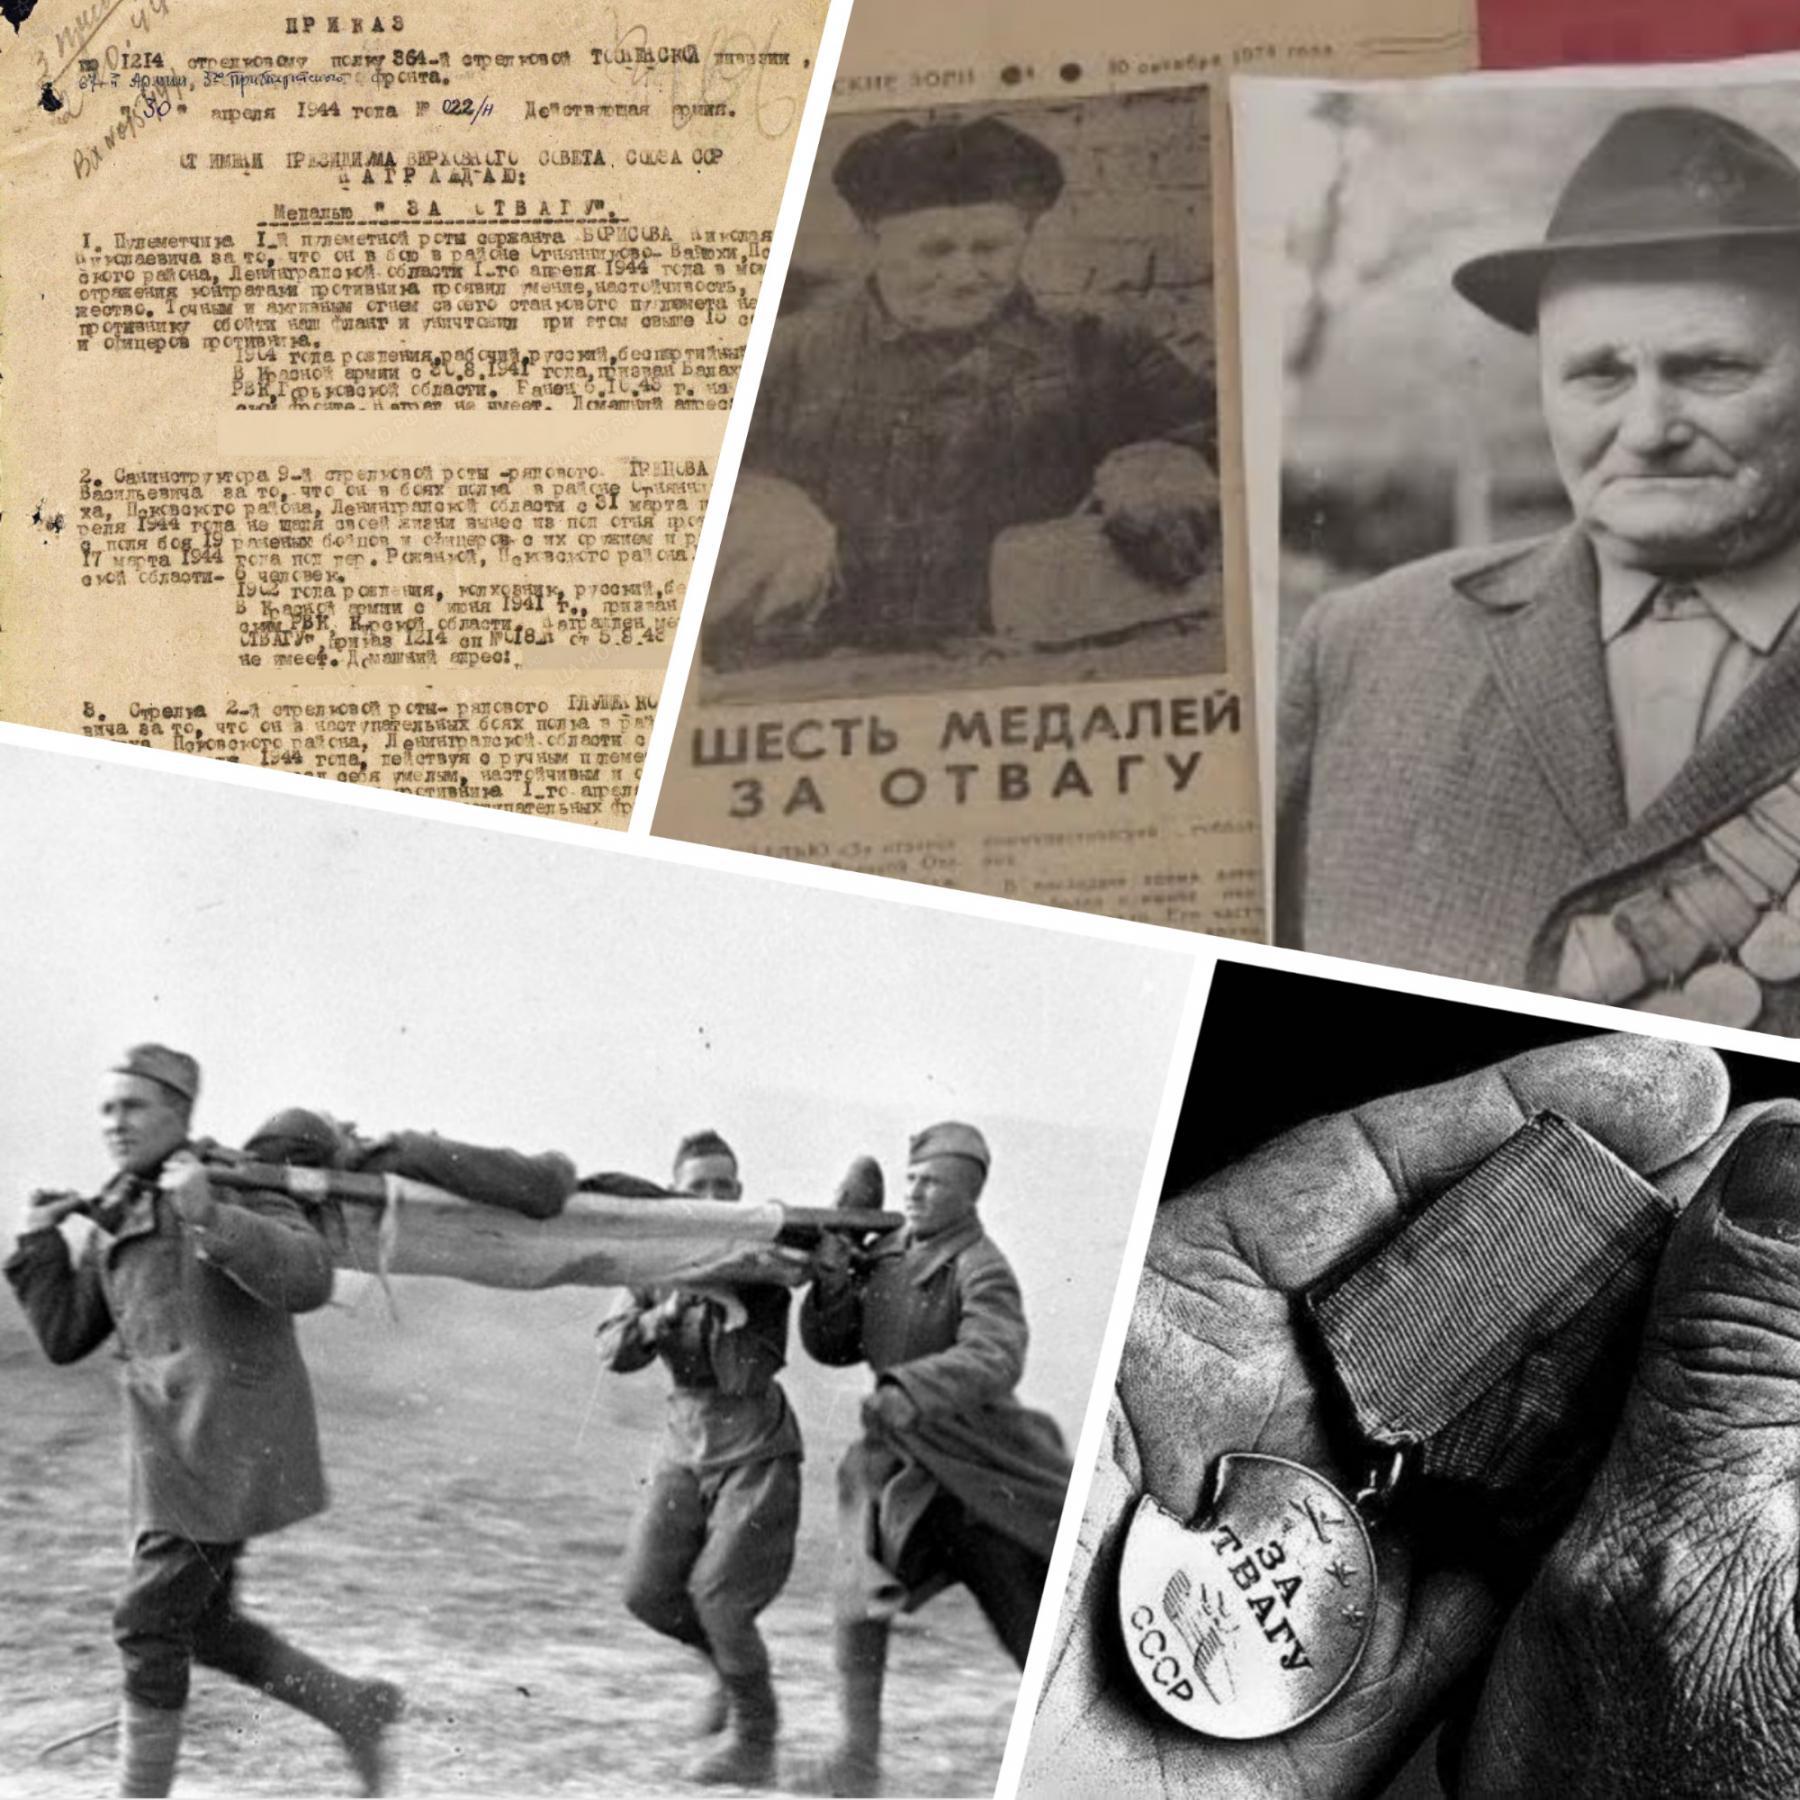 17 октября 1938 года была учреждена первая советская медаль «За отвагу»